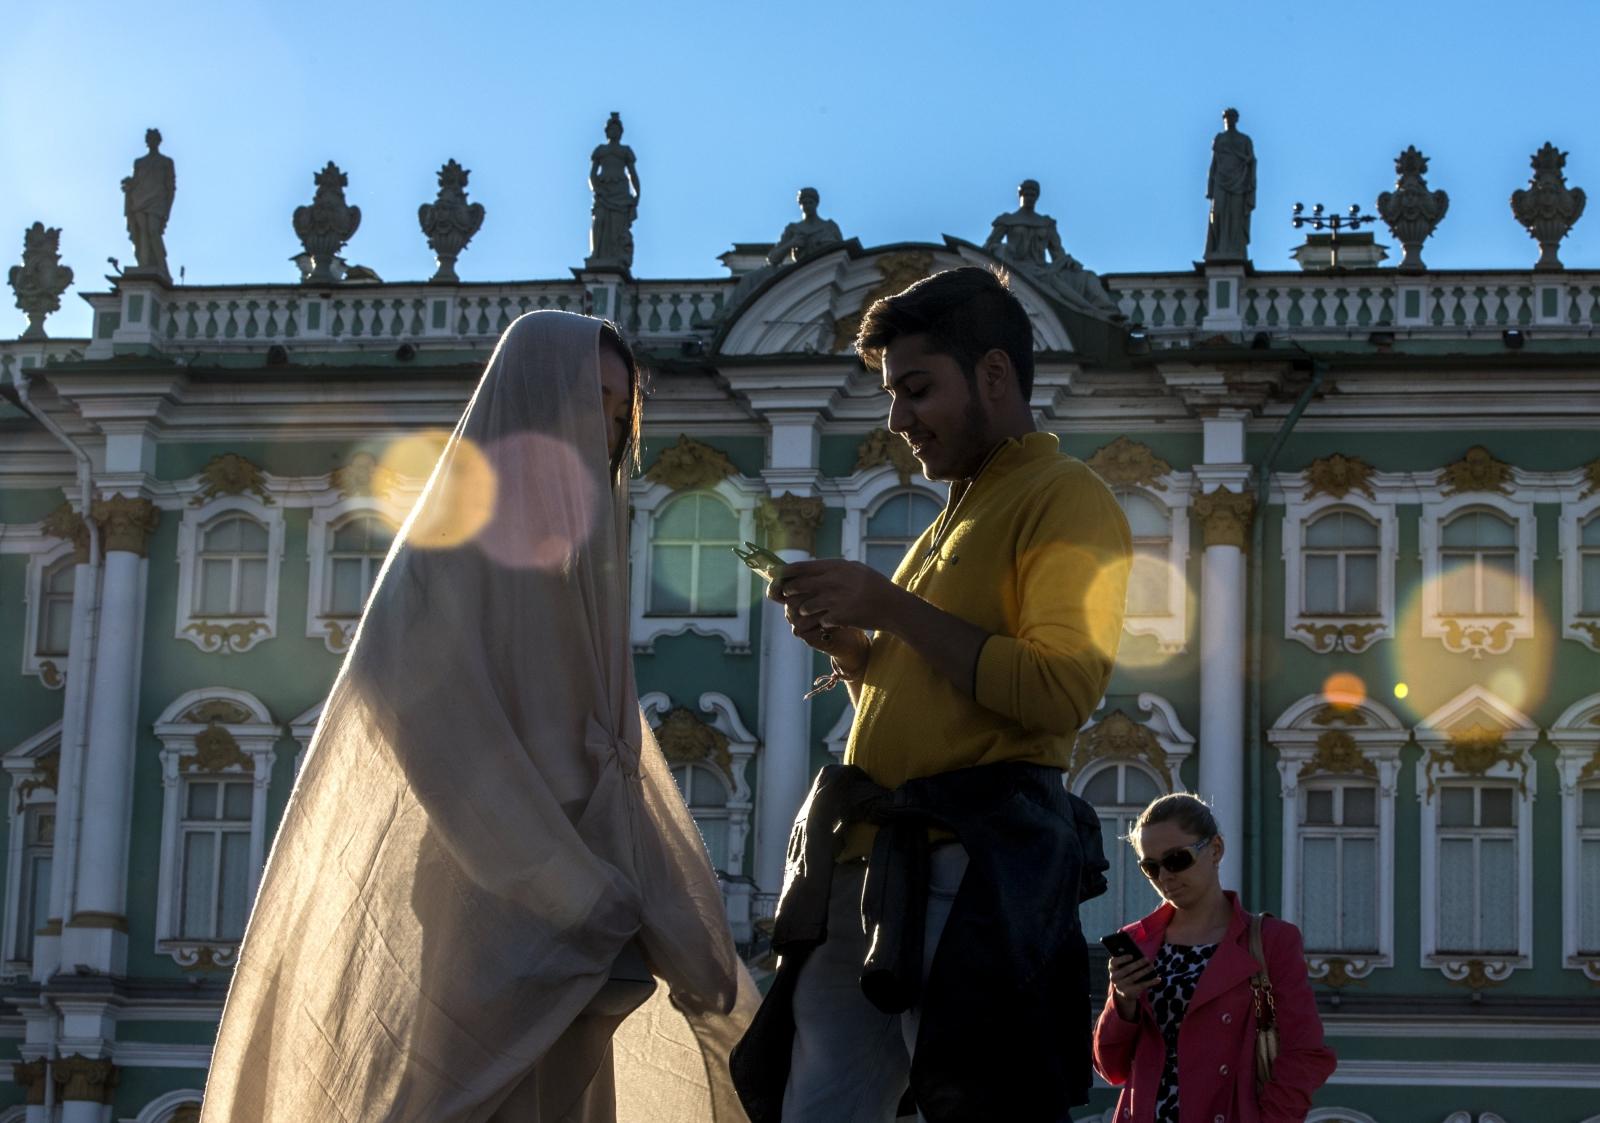 Ludzie korzystają z dobrej pogody na placu przed Narodowym Muzeum Ermitażu w Sankt Petersburgu.